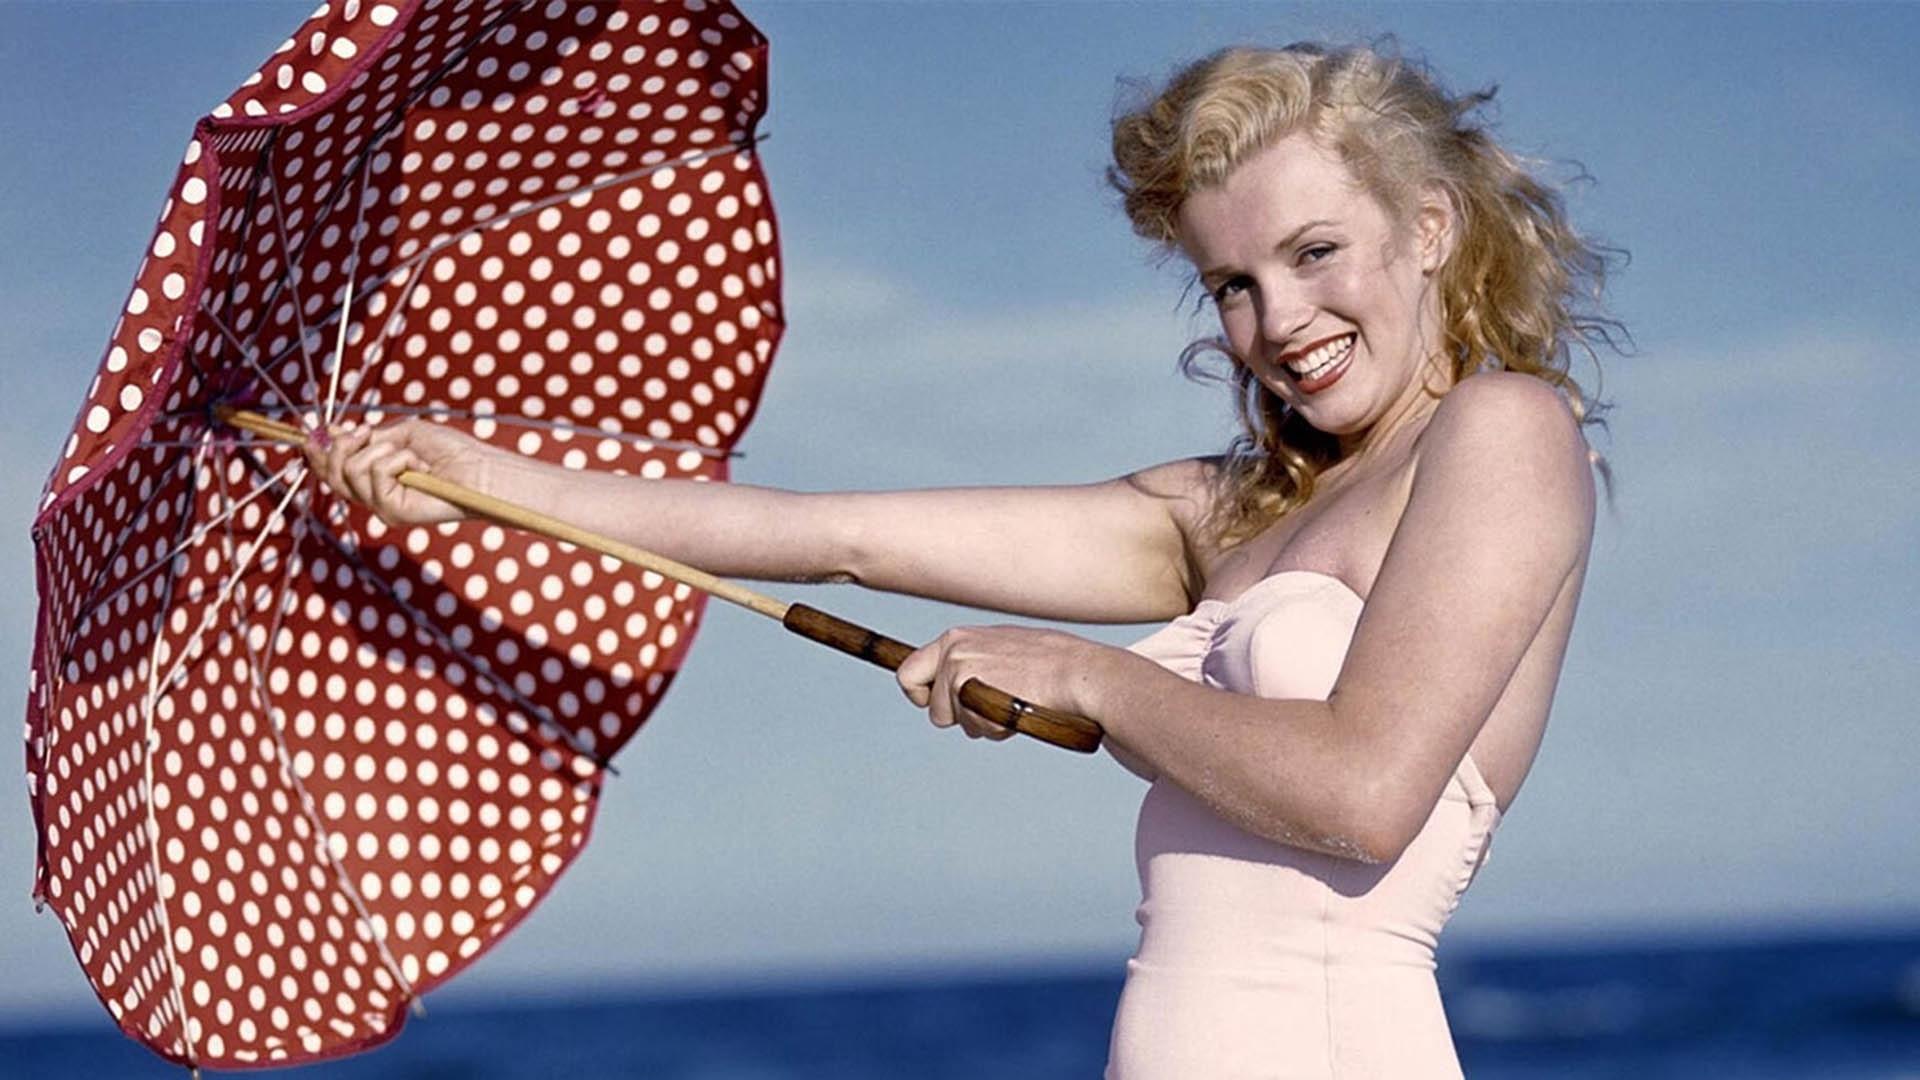 Actores Porno Norteamericanos Años 80 Y 90 década por década: la evolución del traje de baño femenino